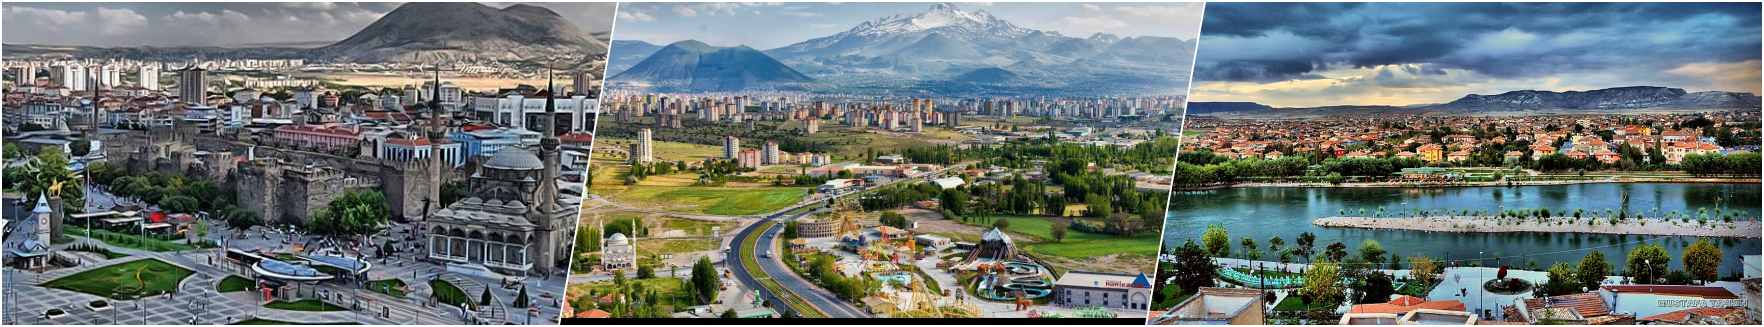 Kayseri - Avanos